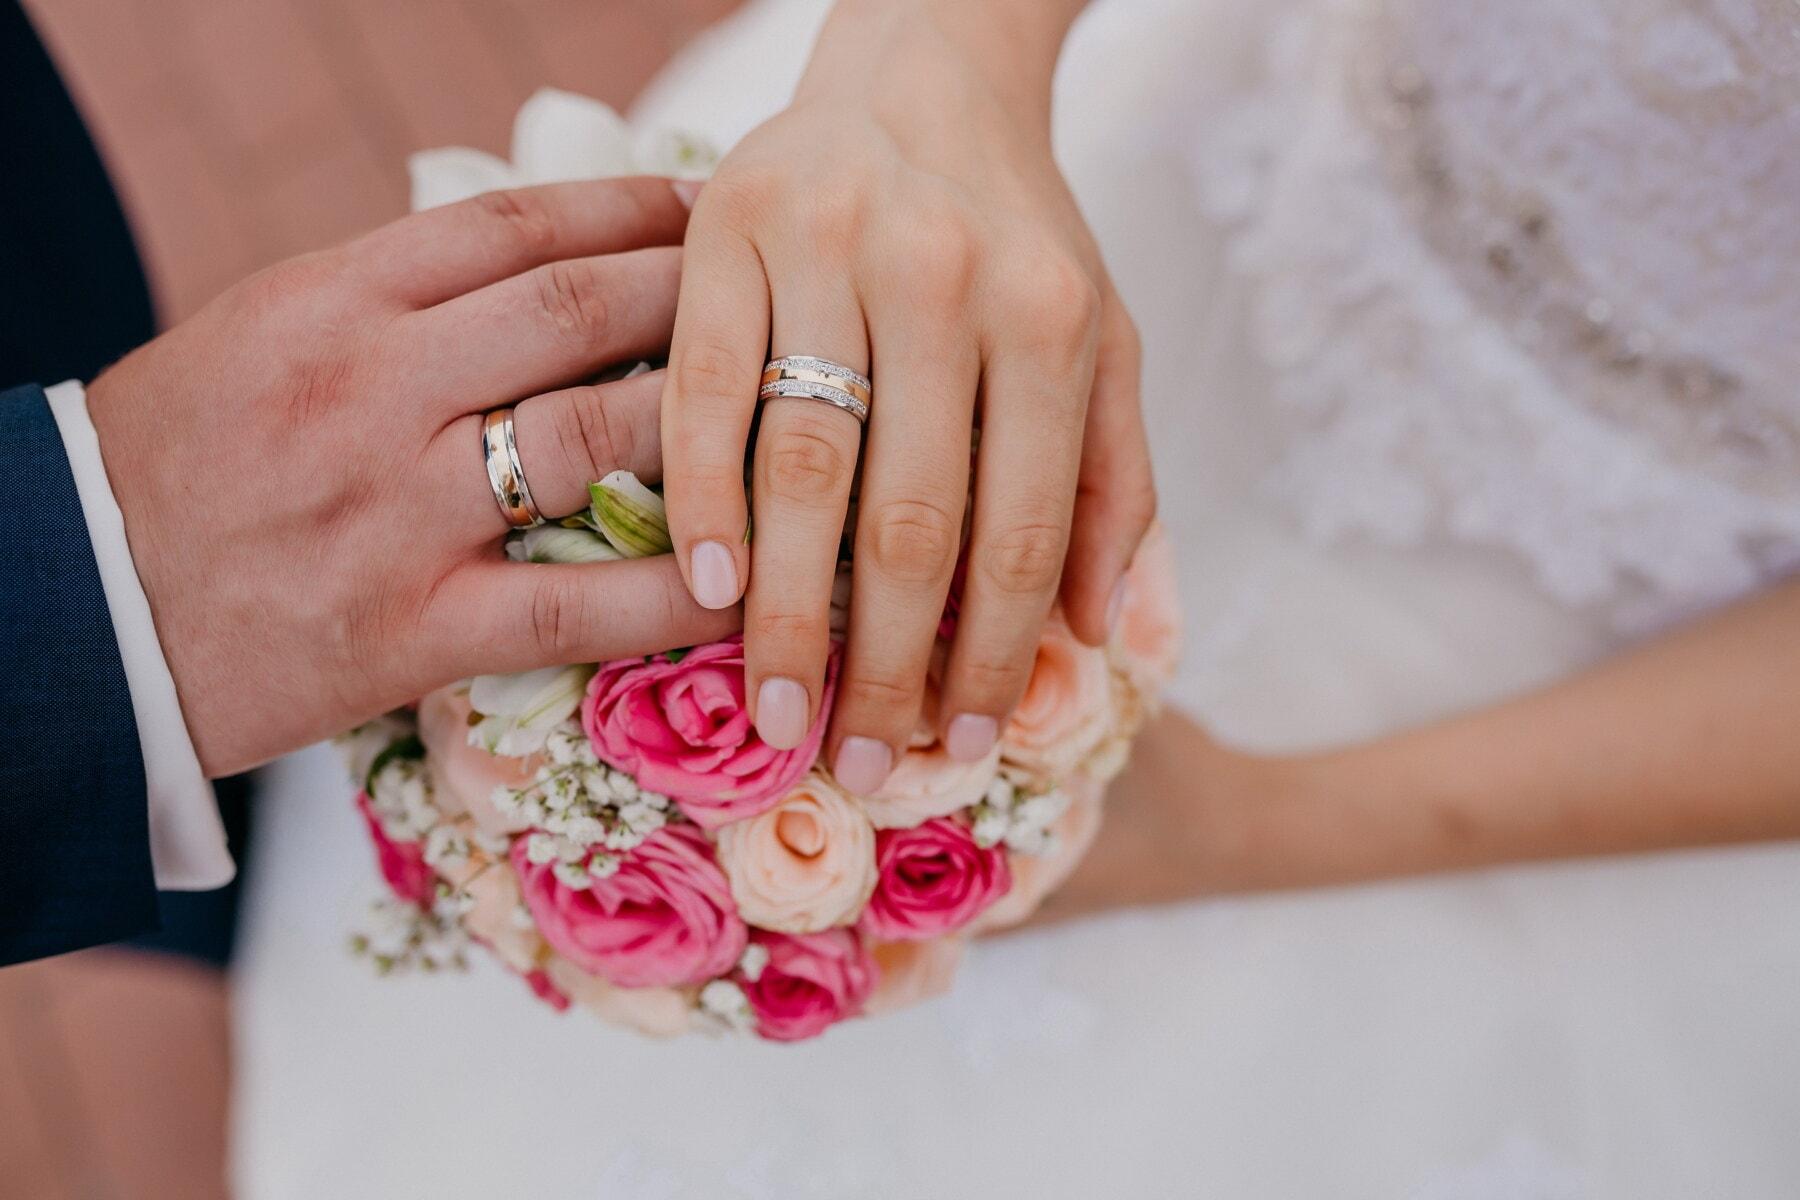 držiace sa ruky, šperky, ruky, snubný prsteň, svadba, láska, svadobná kytica, romantické, nevesta, ženích